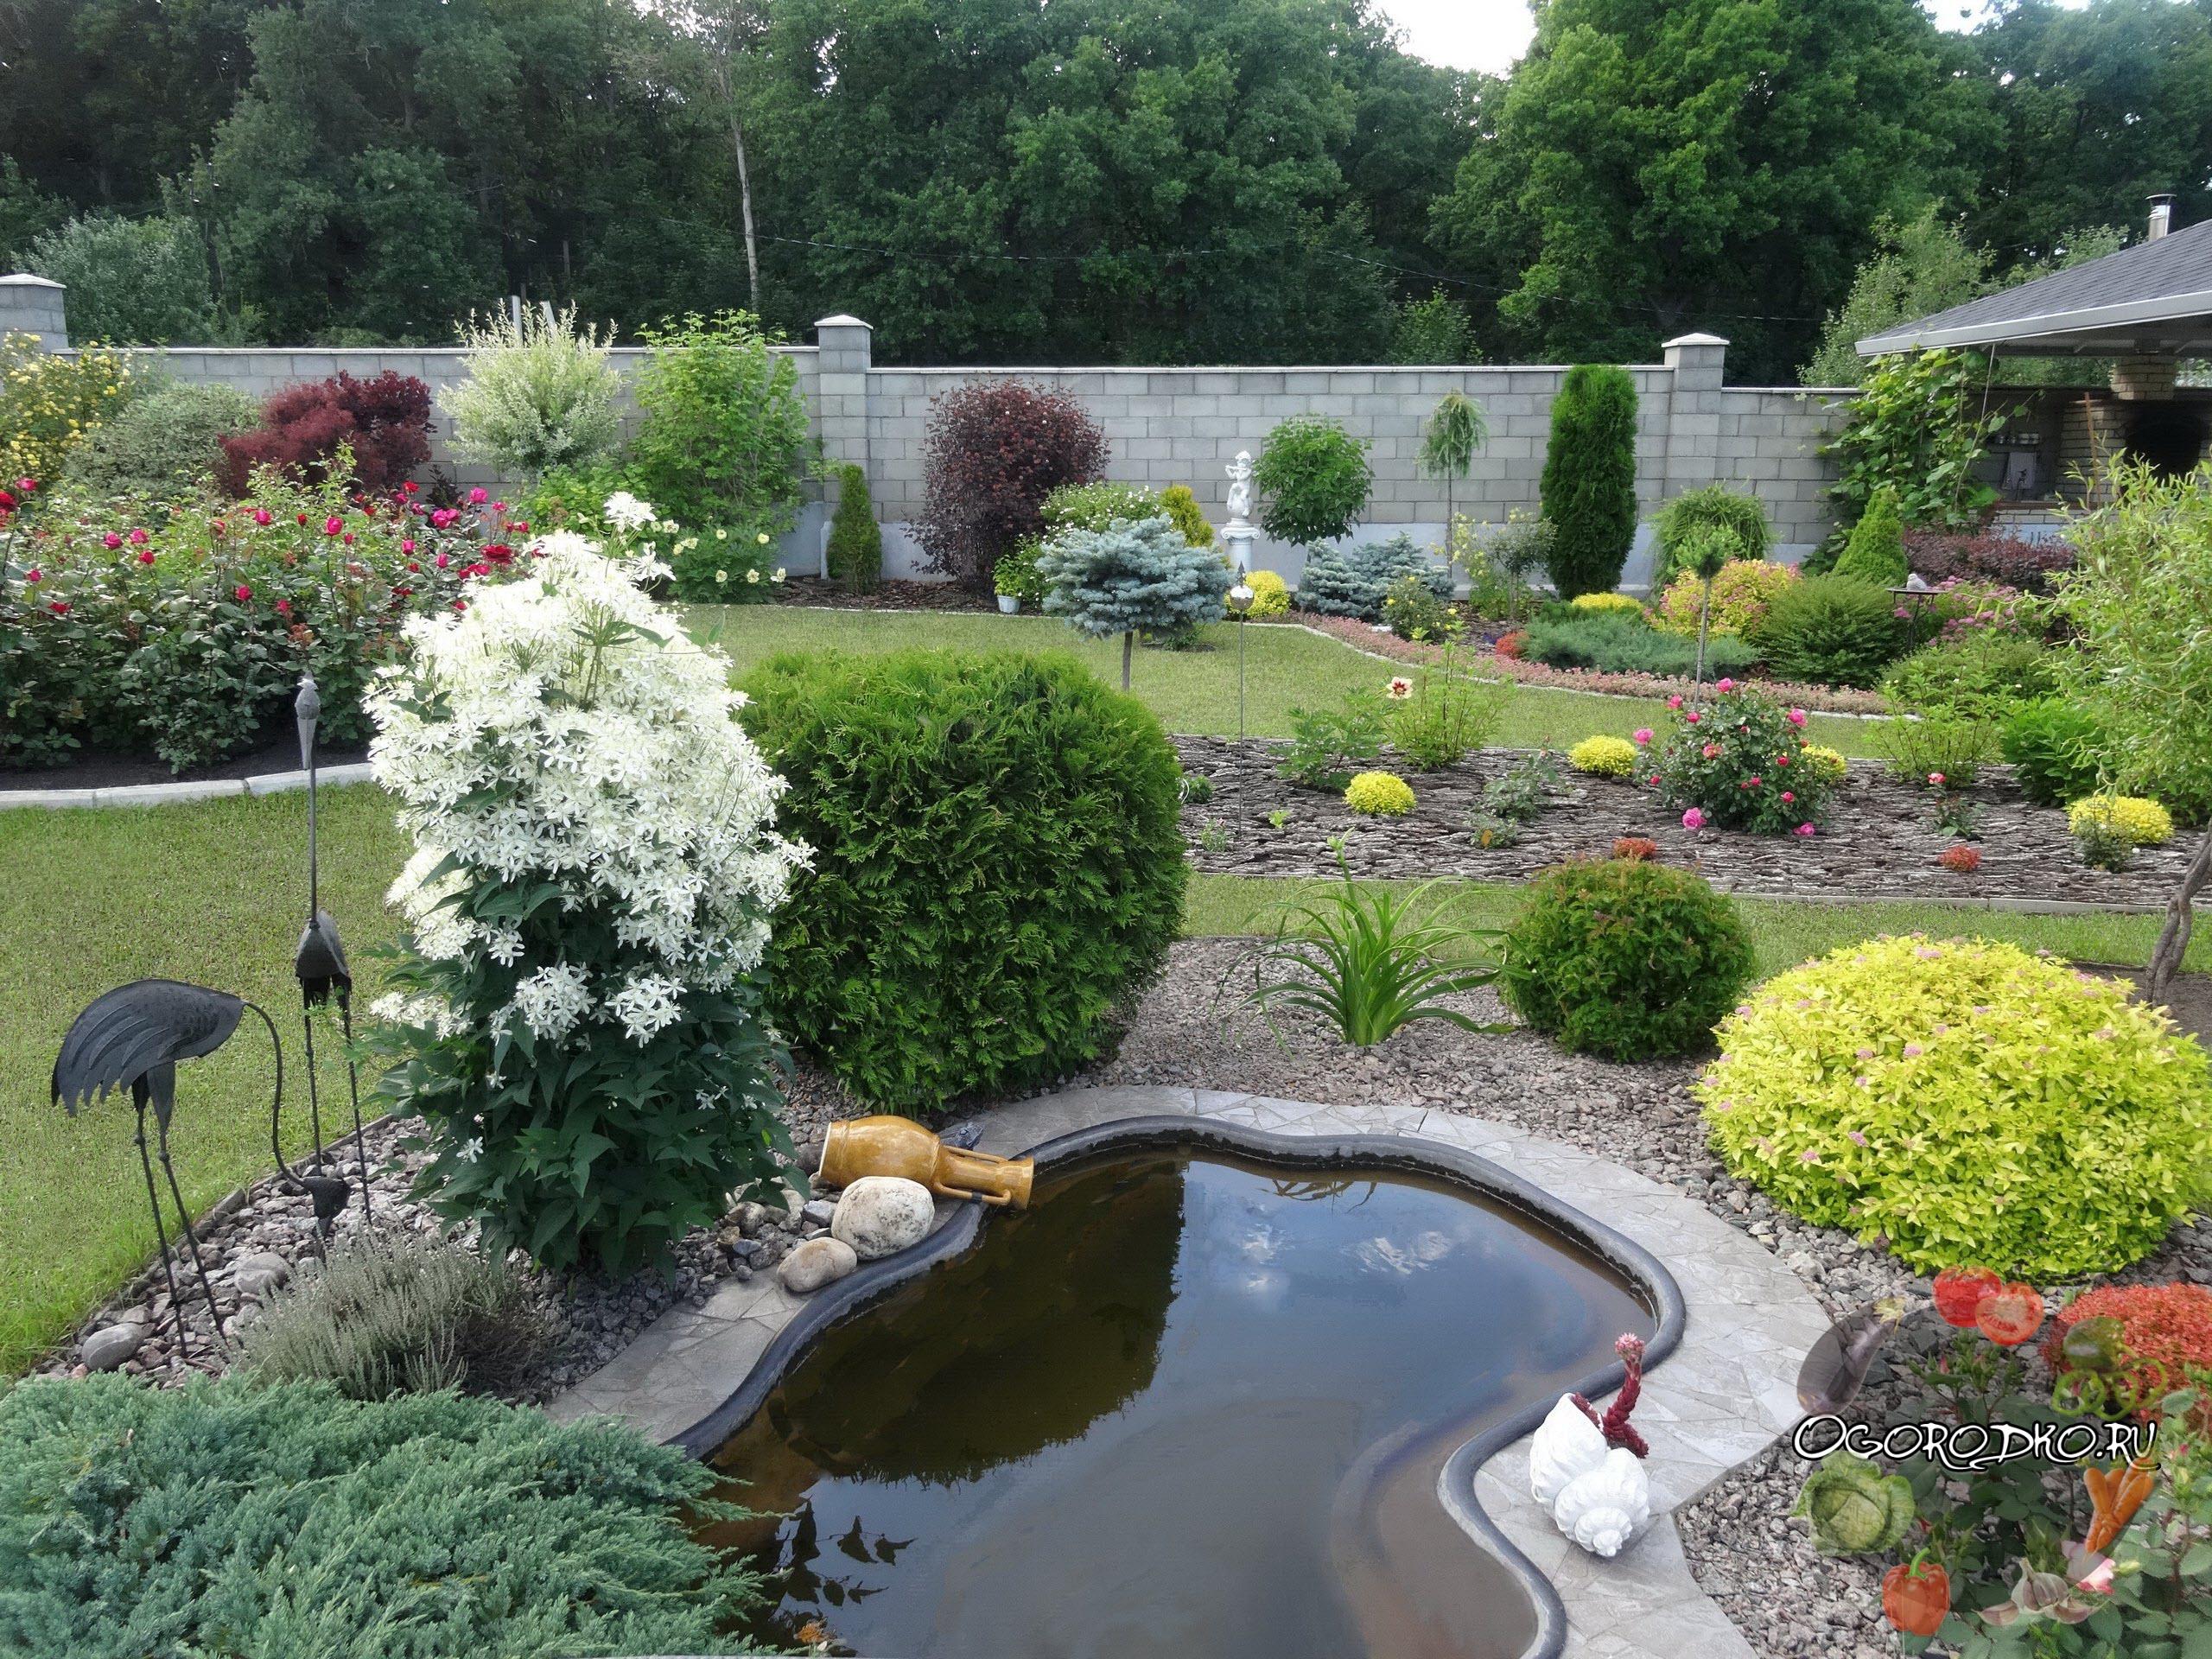 Красиво оформленные садовые участки фото